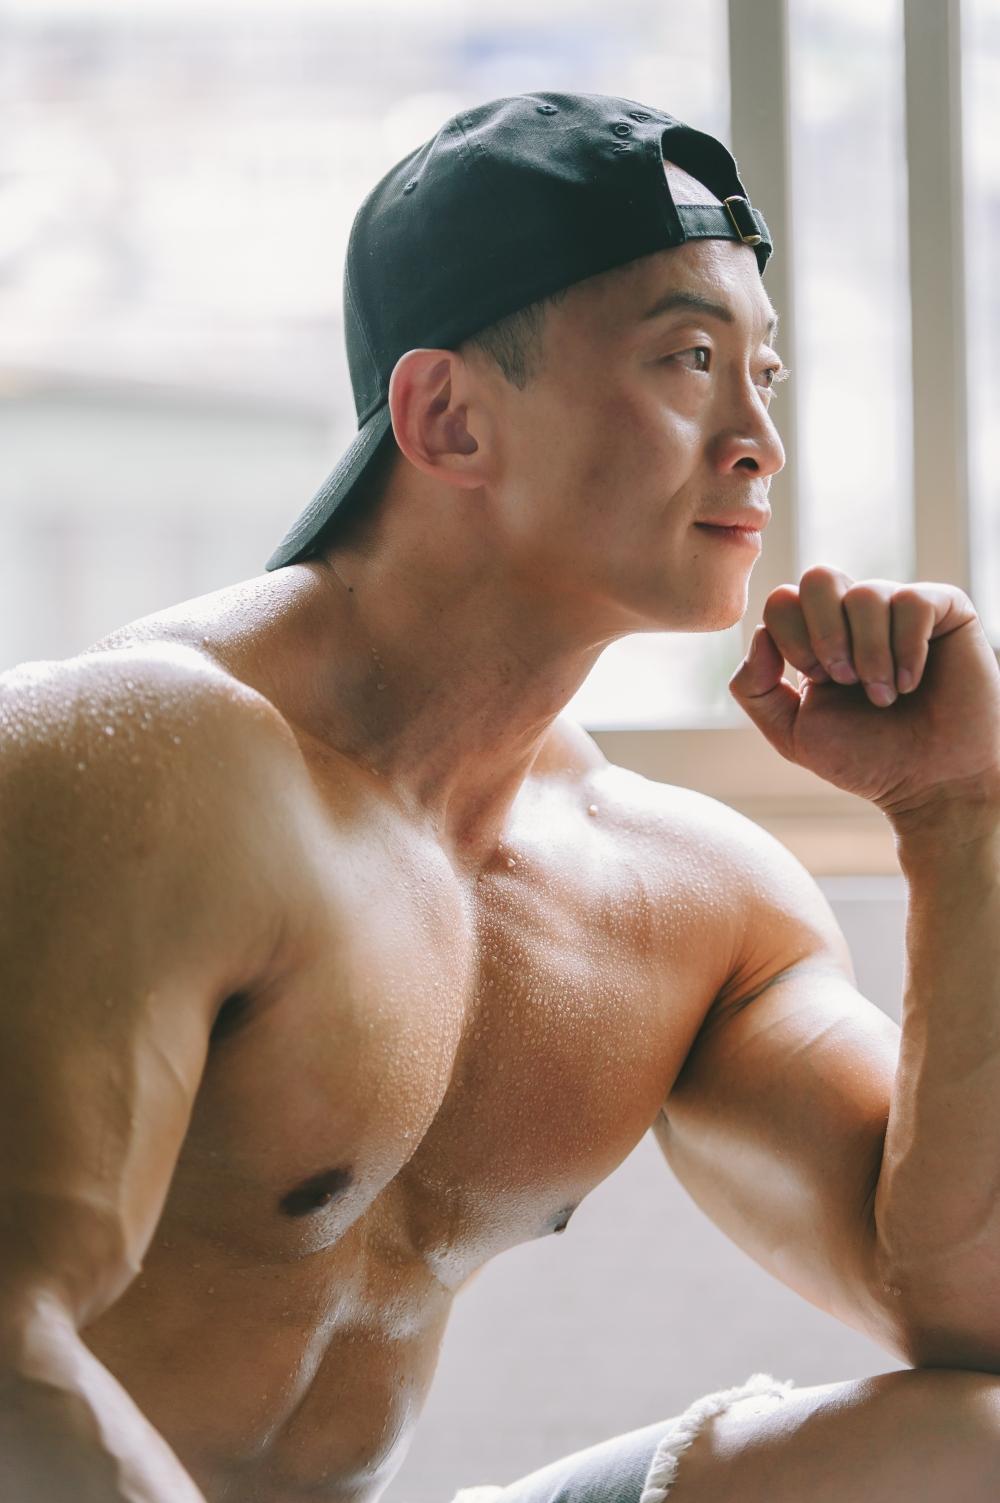 hiwow/海蛙/海蛙攝/寫真/個人寫真/健身/男人/男體寫真/淡水健身院